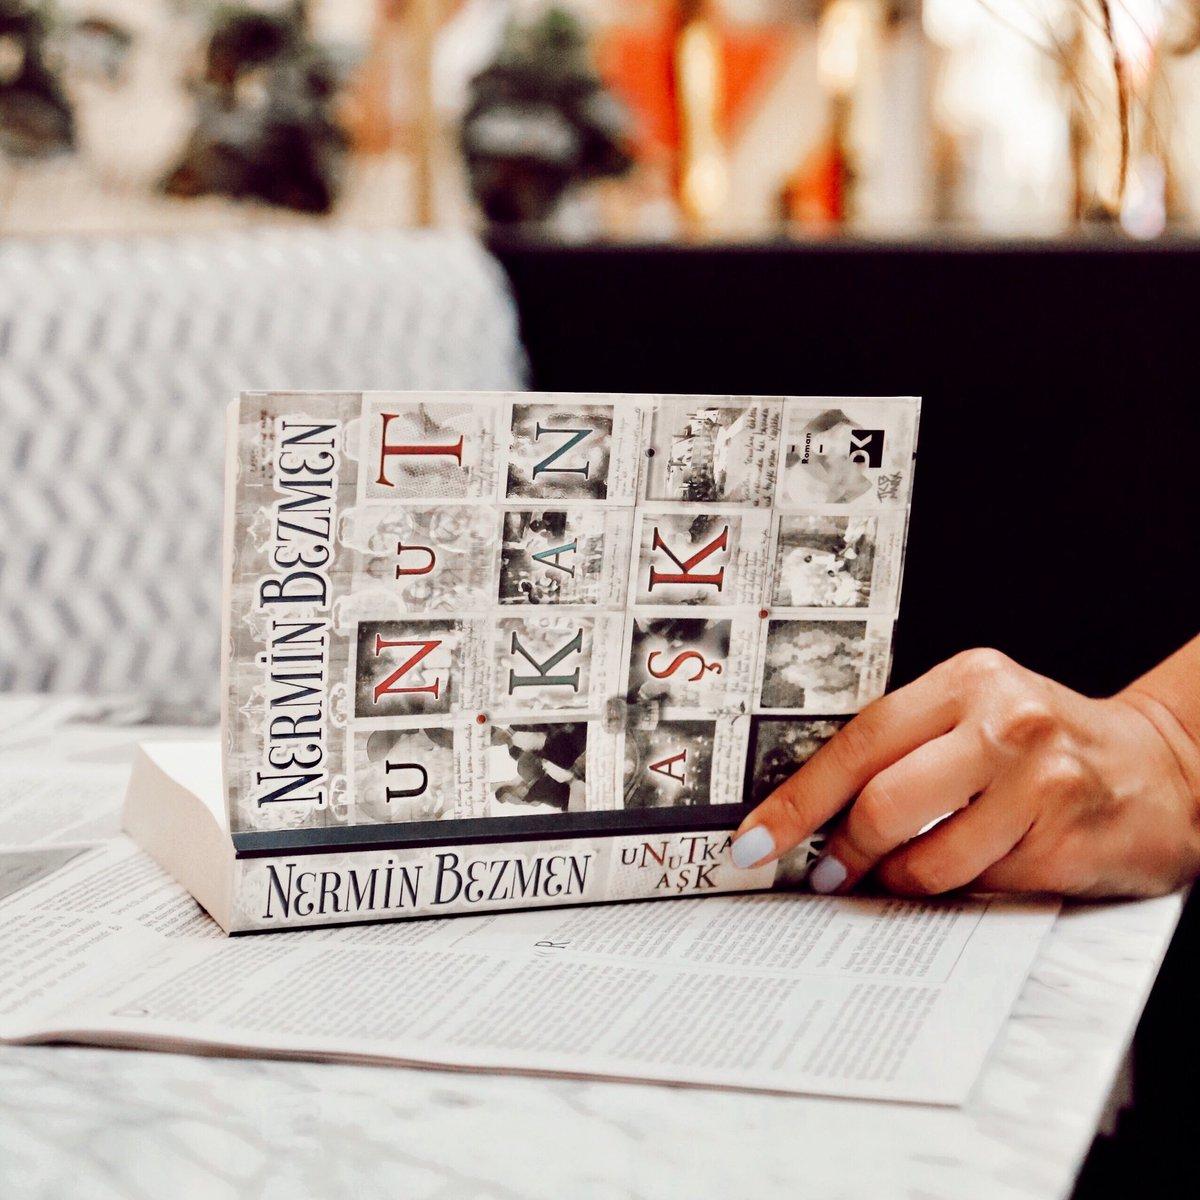 """Haftanın kitabı Nermin Bezmen'den,Unutkan Aşk…  Nermin Bezmen'in uzun bir araştırma döneminin ardından okuyucularına sunduğu yeni romanı """"Unutkan Aşk""""ta yine çok sıkı bir aşk hikayesi anlatıyor. Bu romanı Gordion Ada Kitabevi'nde bulabilirsiniz... https://t.co/cdWGfkHKqk"""